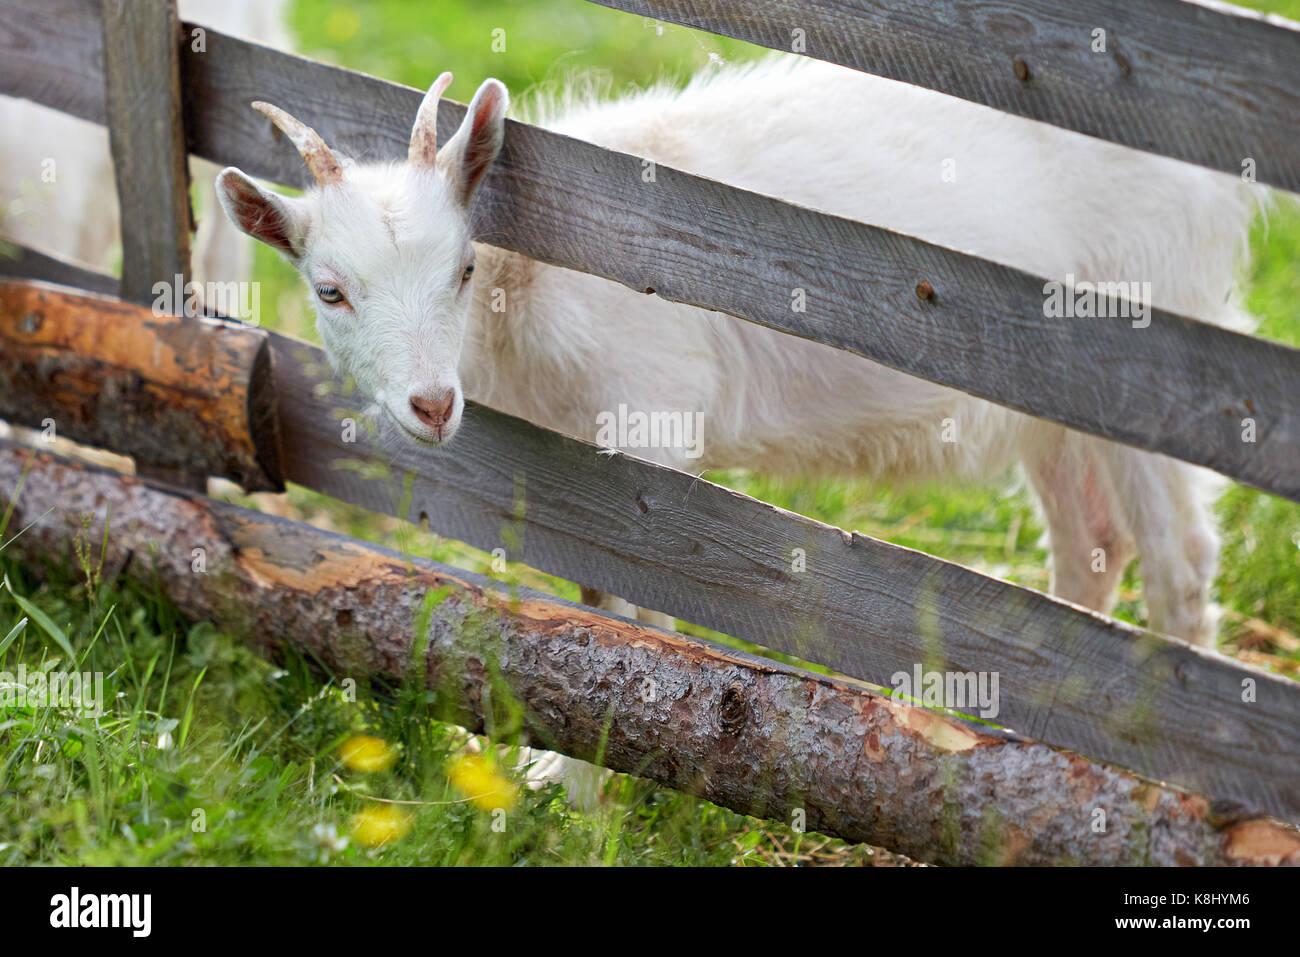 Weiss Goatling Steckte Seinen Kopf Zwischen Den Zaunlatten Stockfoto